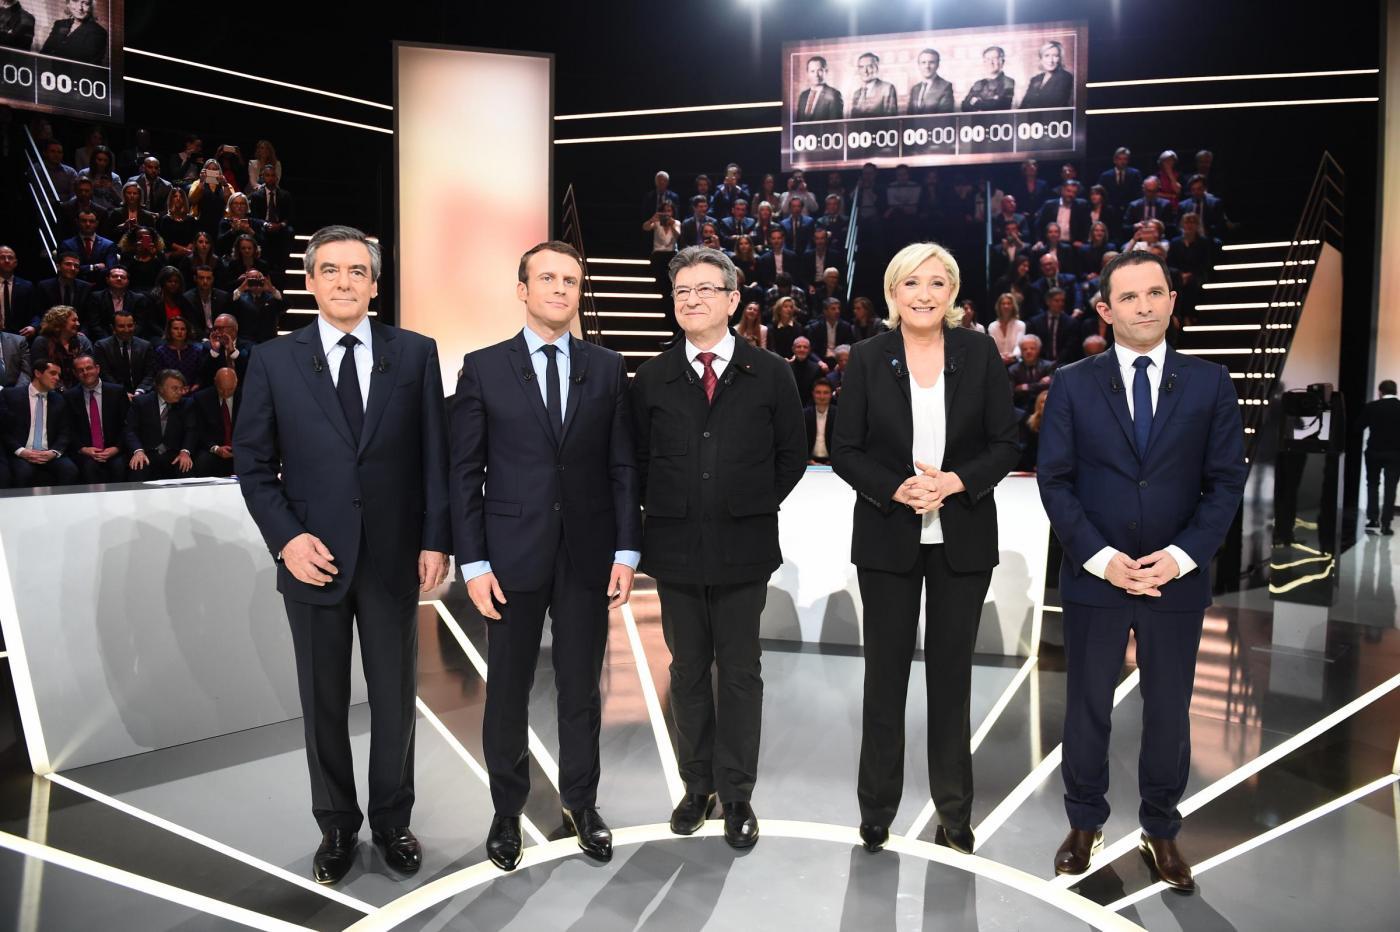 Presidenziali Francia 2017, i candidati alle elezioni